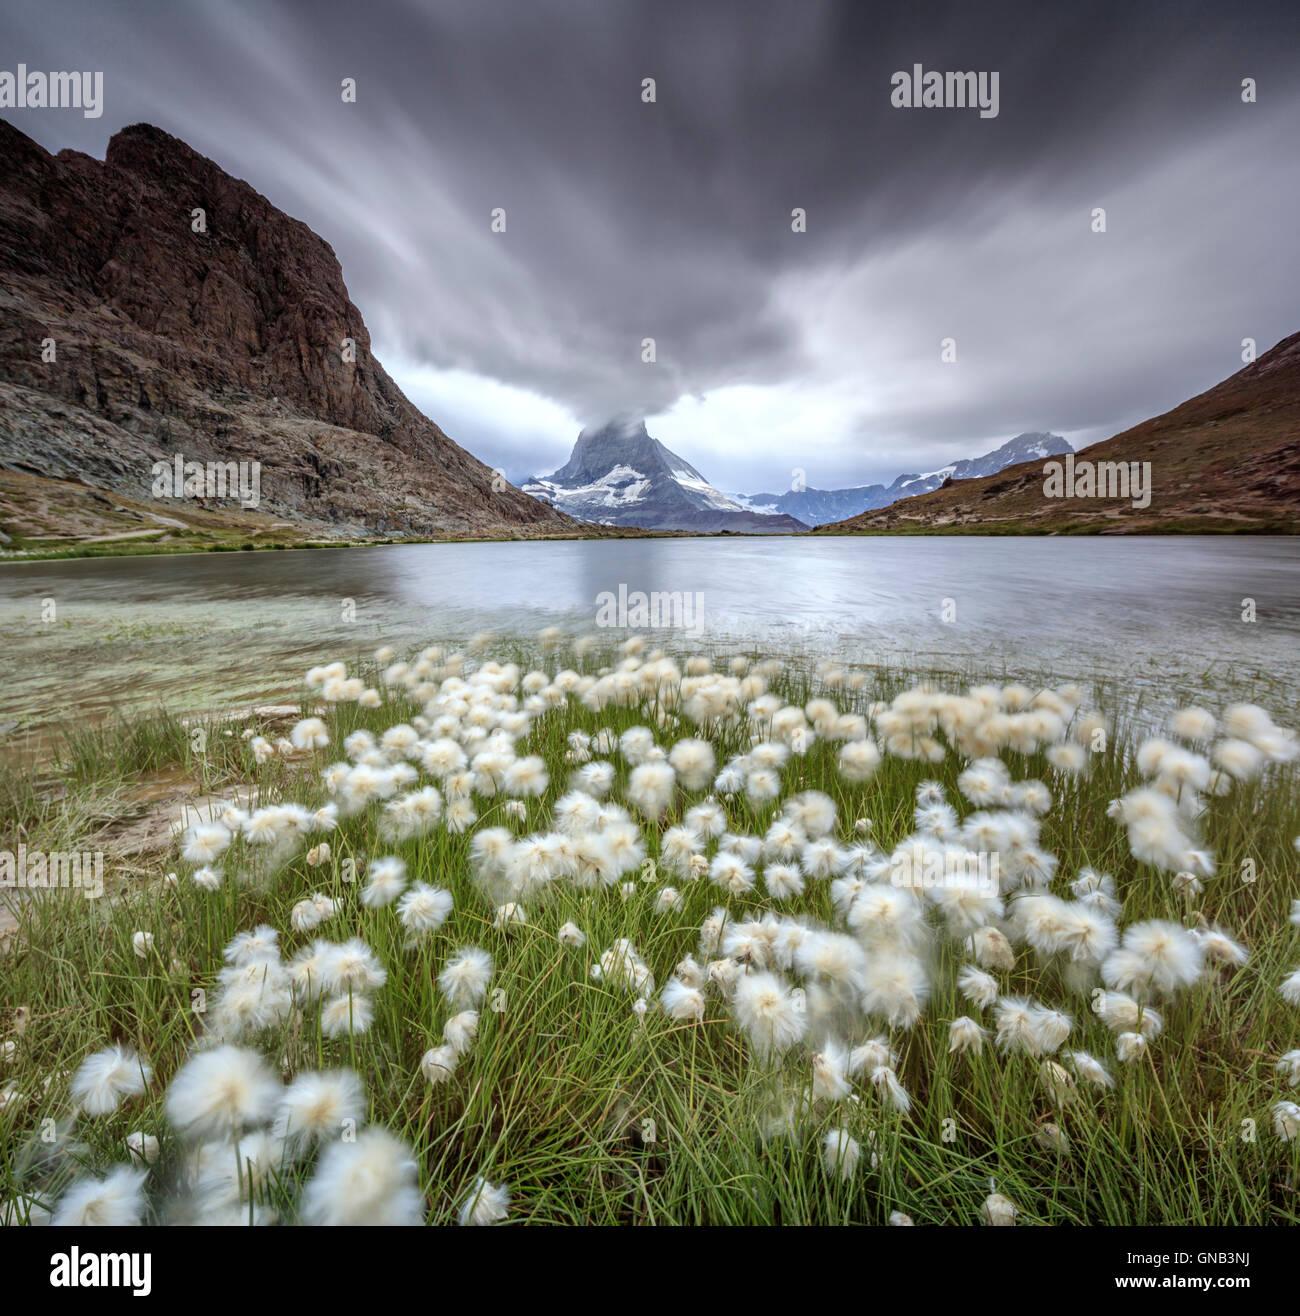 Wollgras am See Riffelsee während ein Gewitters Matterhorn Zermatt Kanton Wallis Schweiz europäischen Stockbild